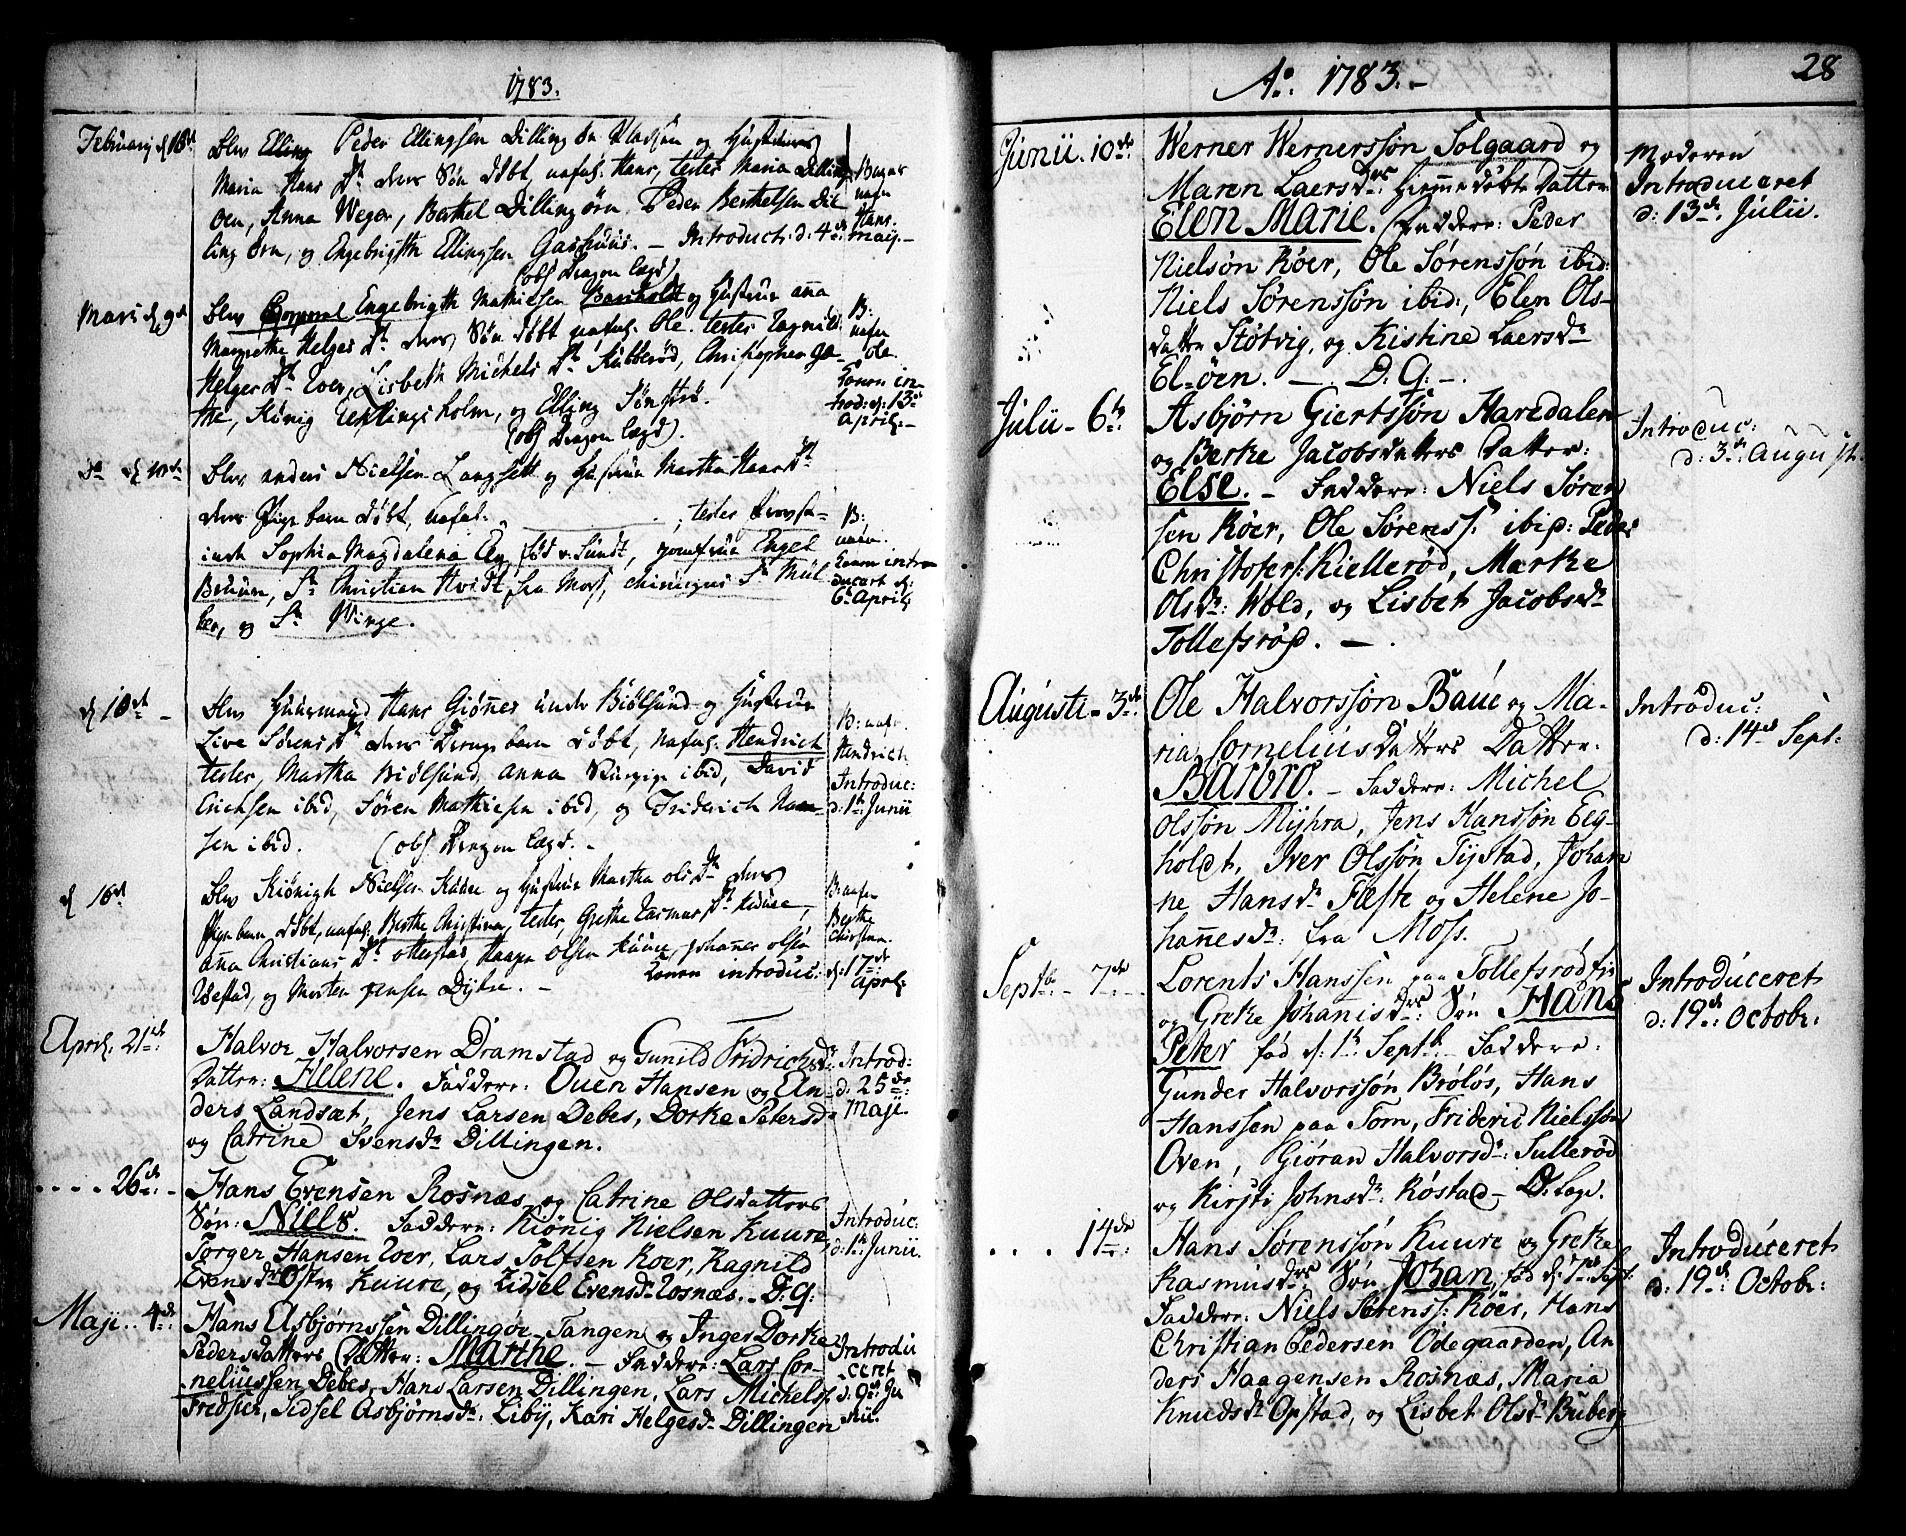 SAO, Rygge prestekontor Kirkebøker, F/Fa/L0002: Ministerialbok nr. 2, 1771-1814, s. 28